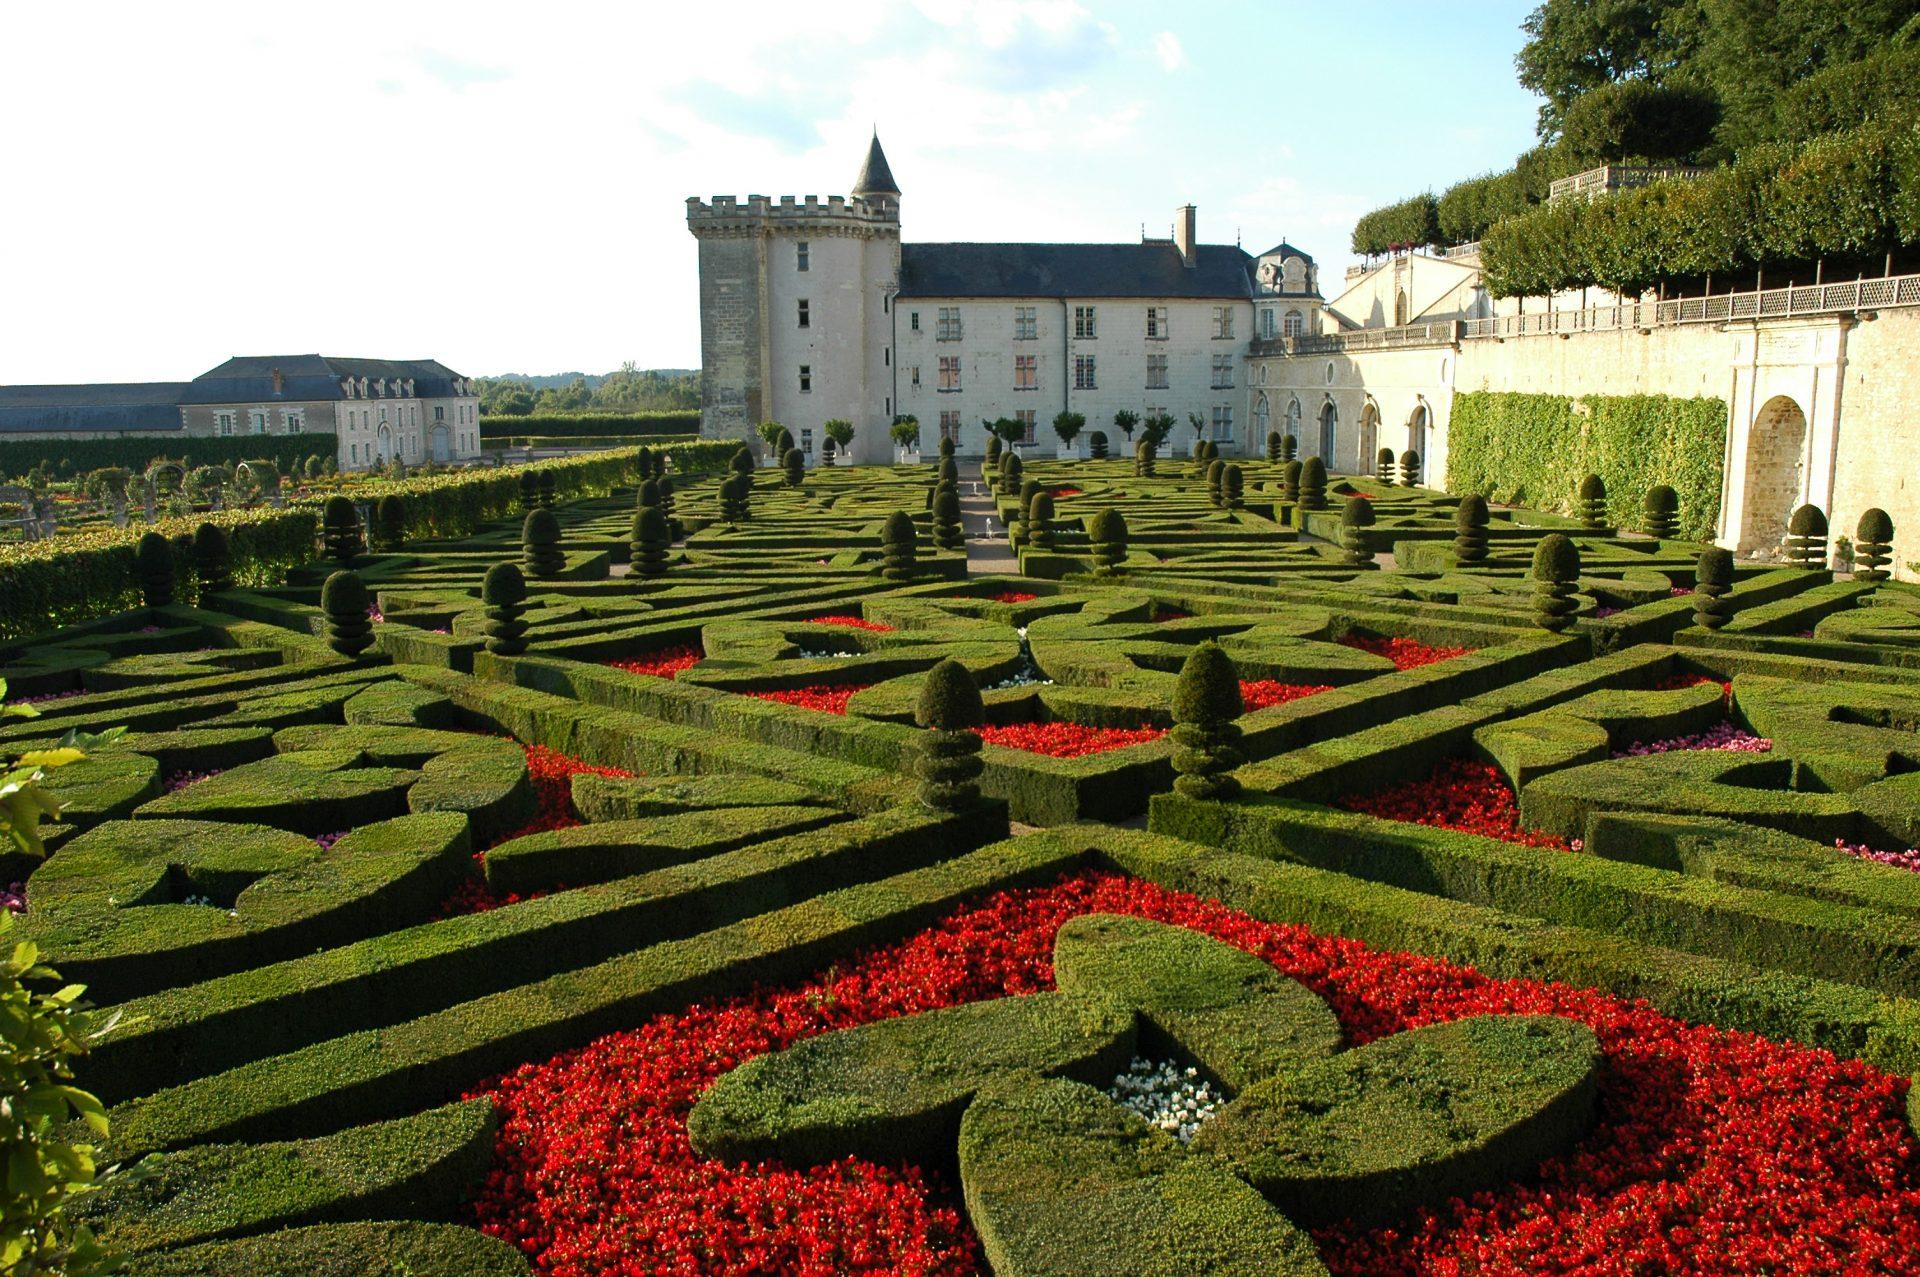 Parc de Fierbois: Villandry and Gardens